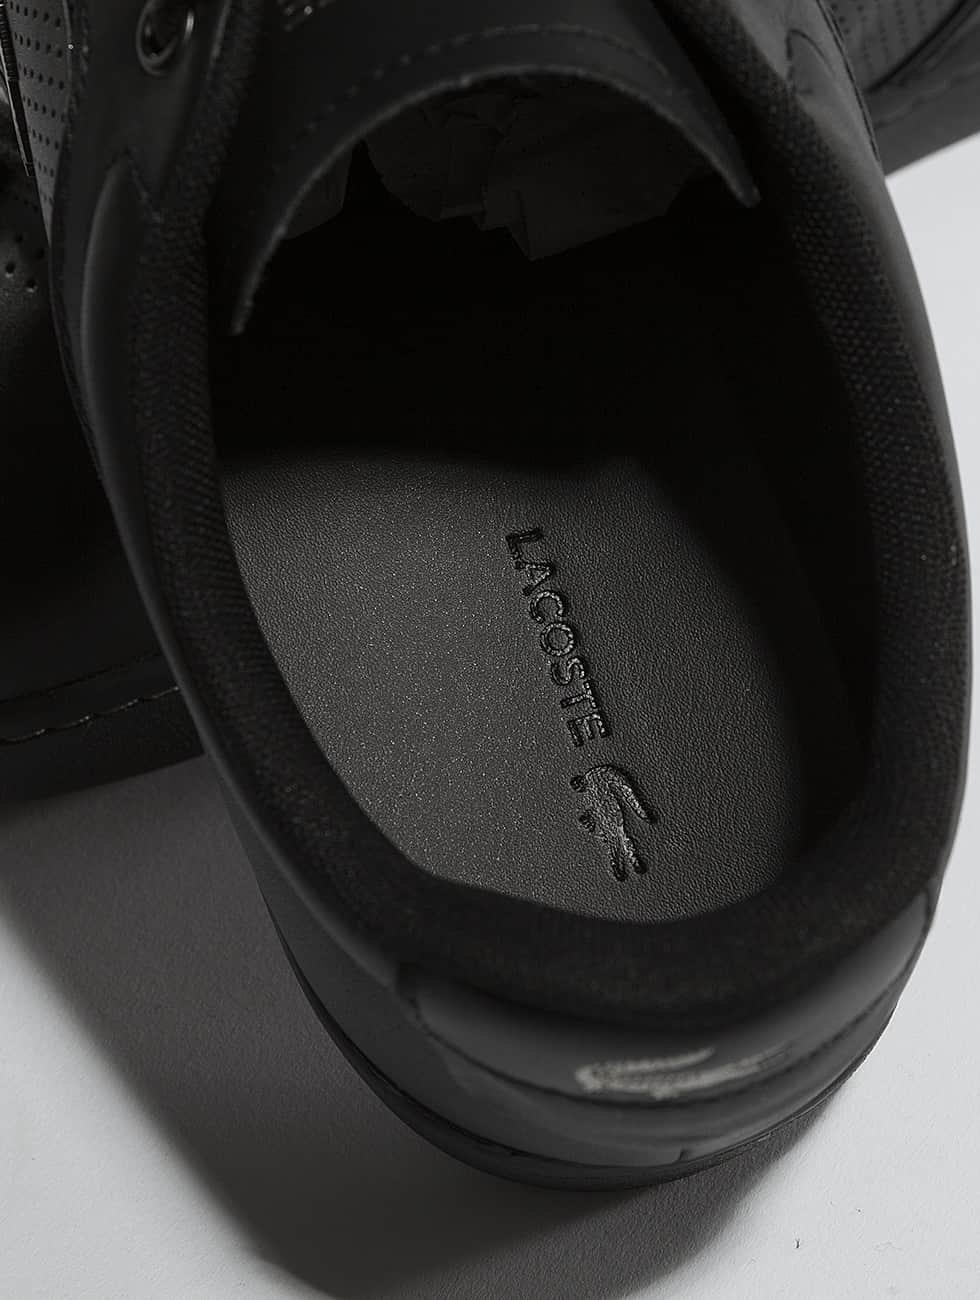 Lacoste schoen / sneaker Carnaby Evo 317 10 SPM in zwart 371402 Lage Verzendkosten Goedkoop Online Kopen Goedkope Koop Korting Beste Verkoop Manchester Grote Verkoop Goedkope Online Korting Voor Sfeervolle f6Z5yqWyfl